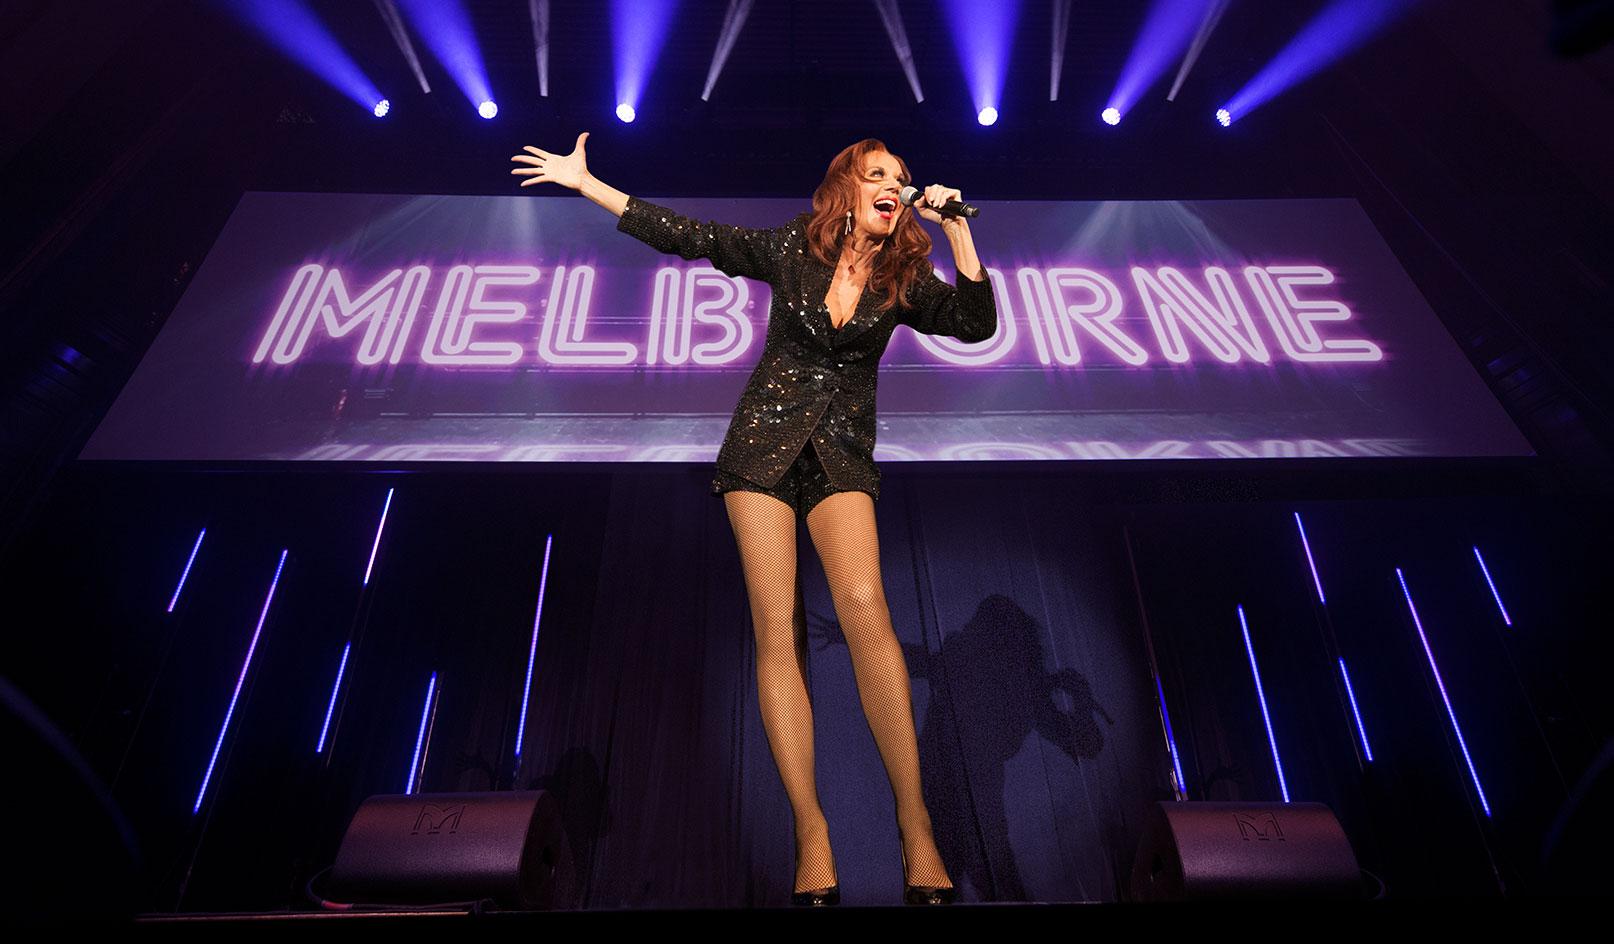 <div>Events</div><div> <a href='https://www.nedmeldrum.com.au/project/melbourne-awards/'>View Series</a></div>